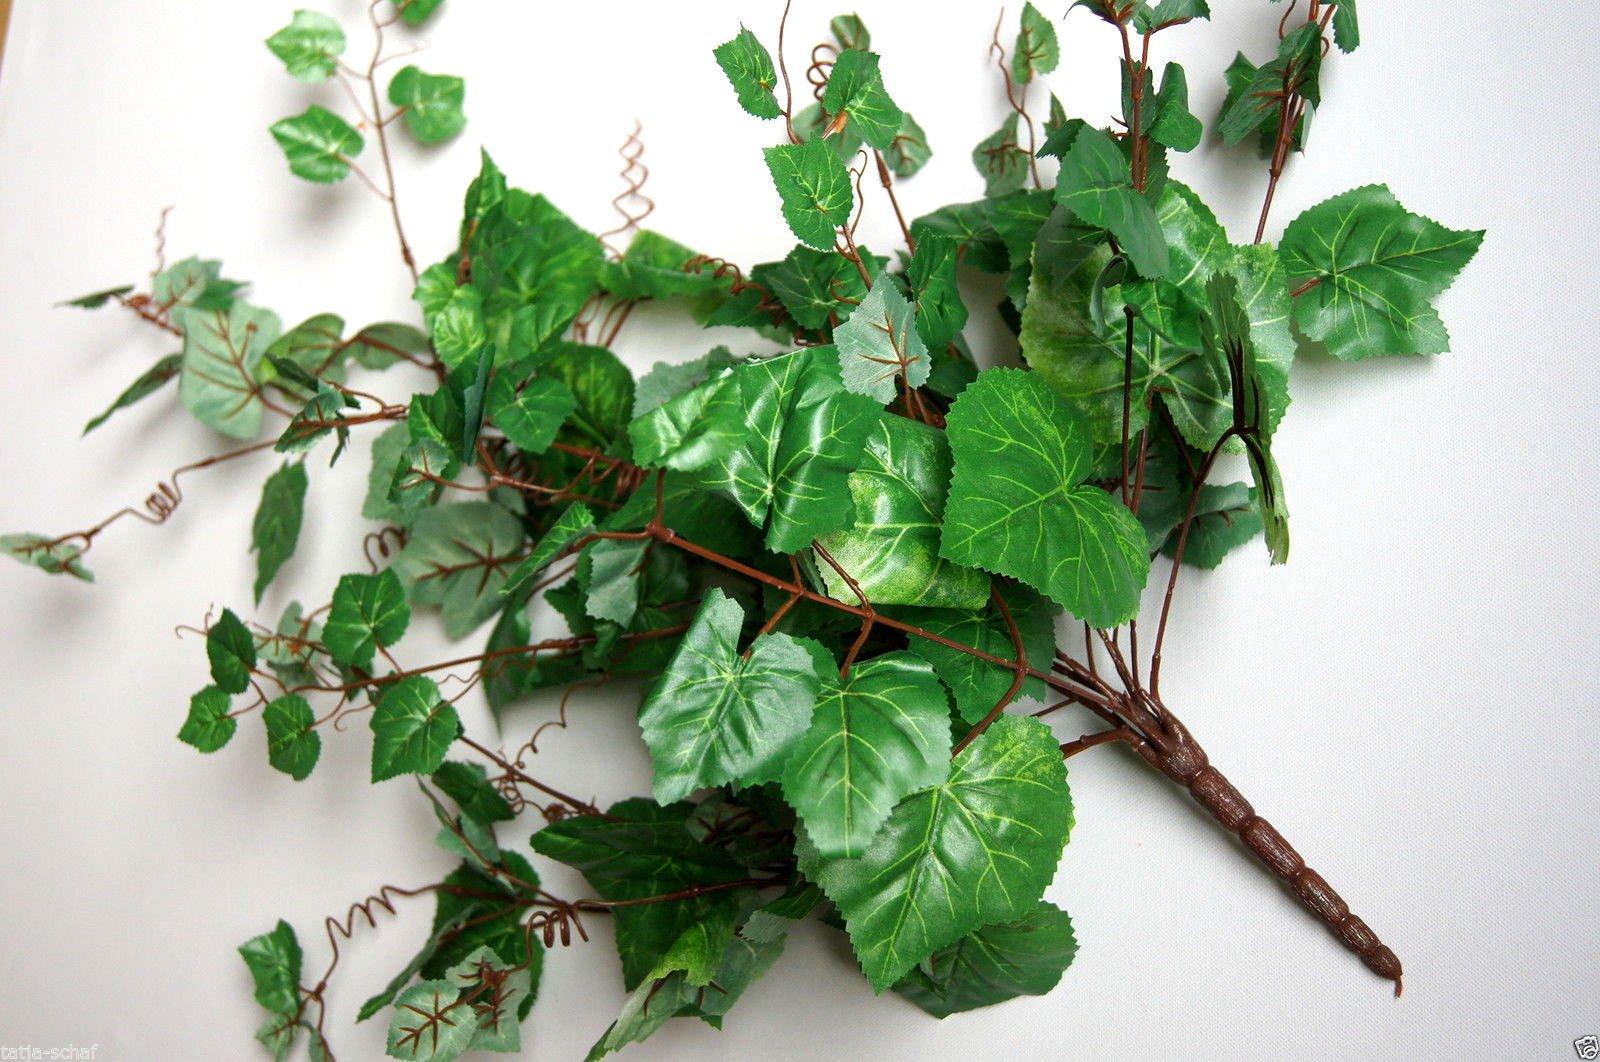 De hojas de hiedra Begonia artificial de hojas de hiedra y flores de las plantas de hojas de hiedra de animales…